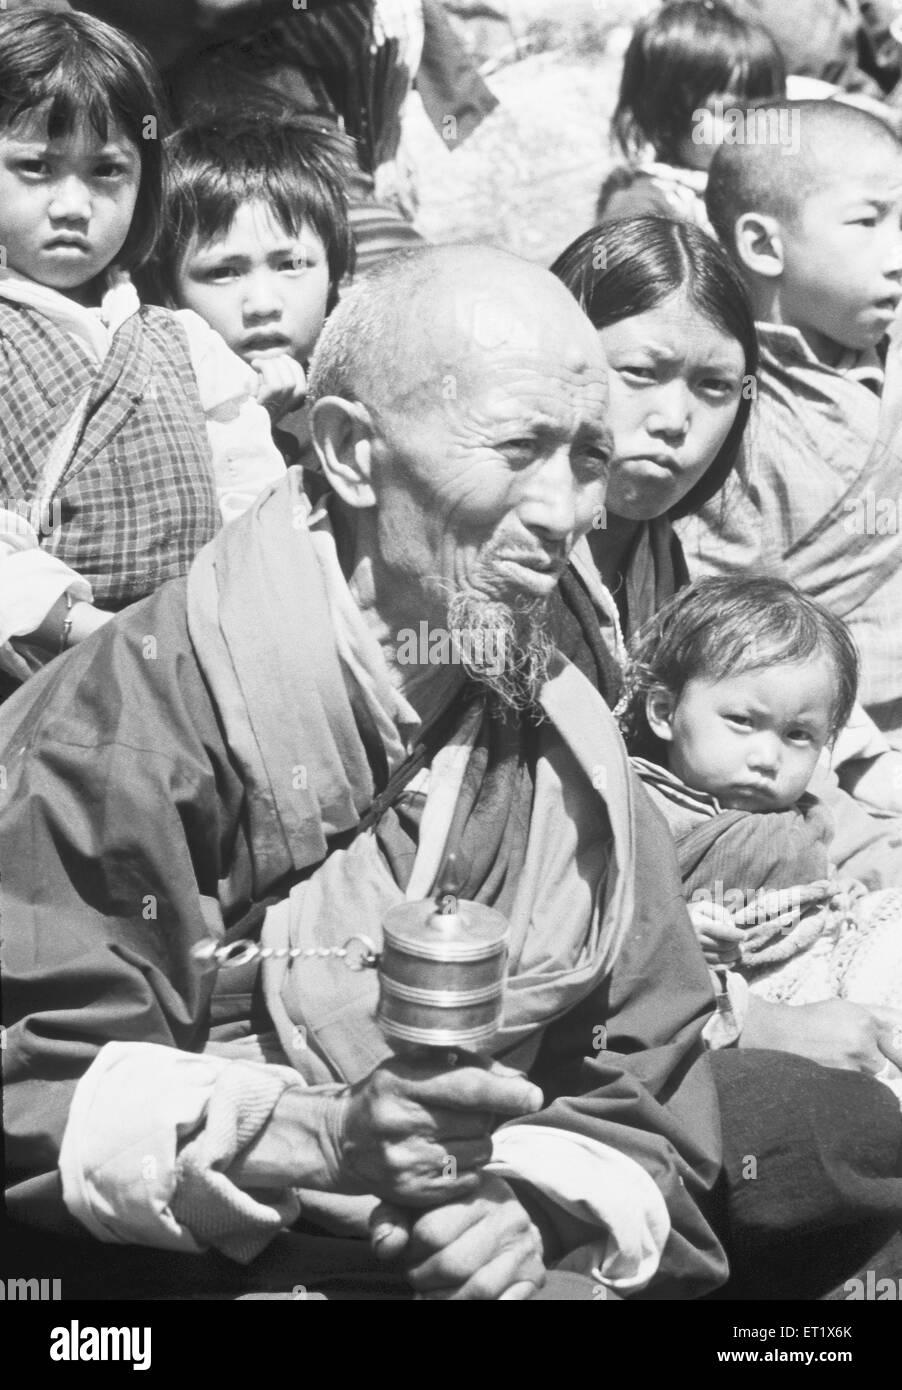 Vieil homme habillé en costume traditionnel fait tourner la roue de prière au festival; Bhoutan Banque D'Images